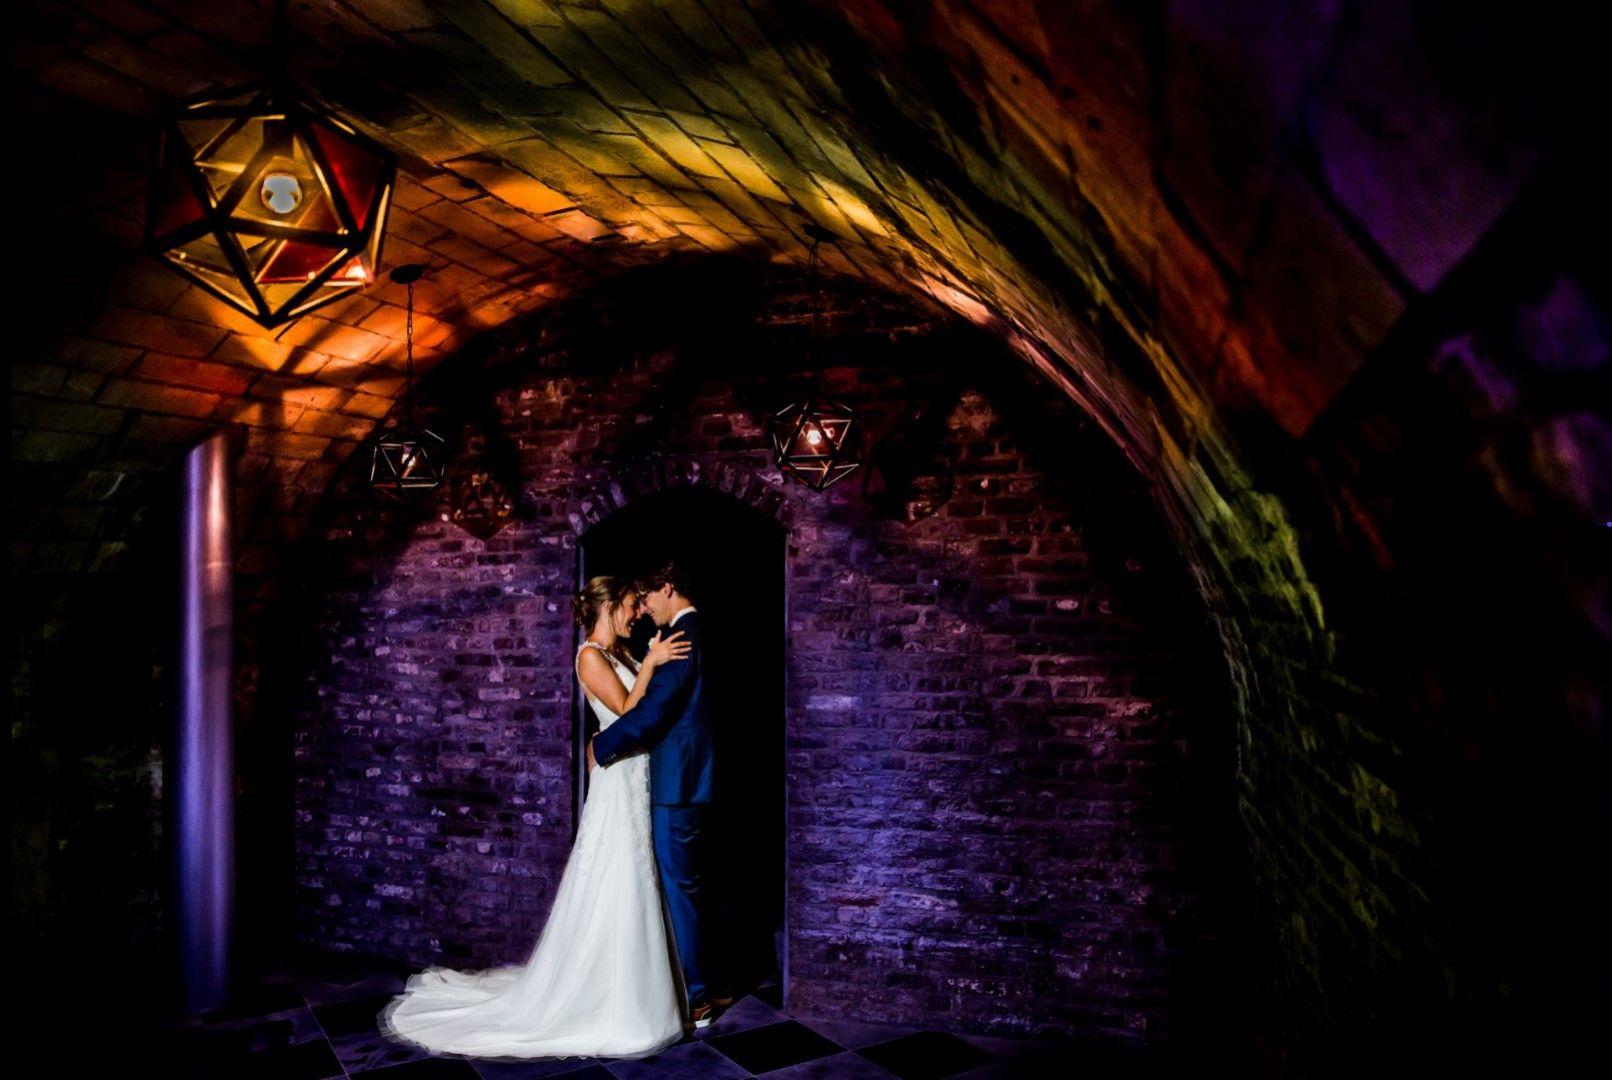 Spelen met licht en fotografie in kasteelkelder casello levert